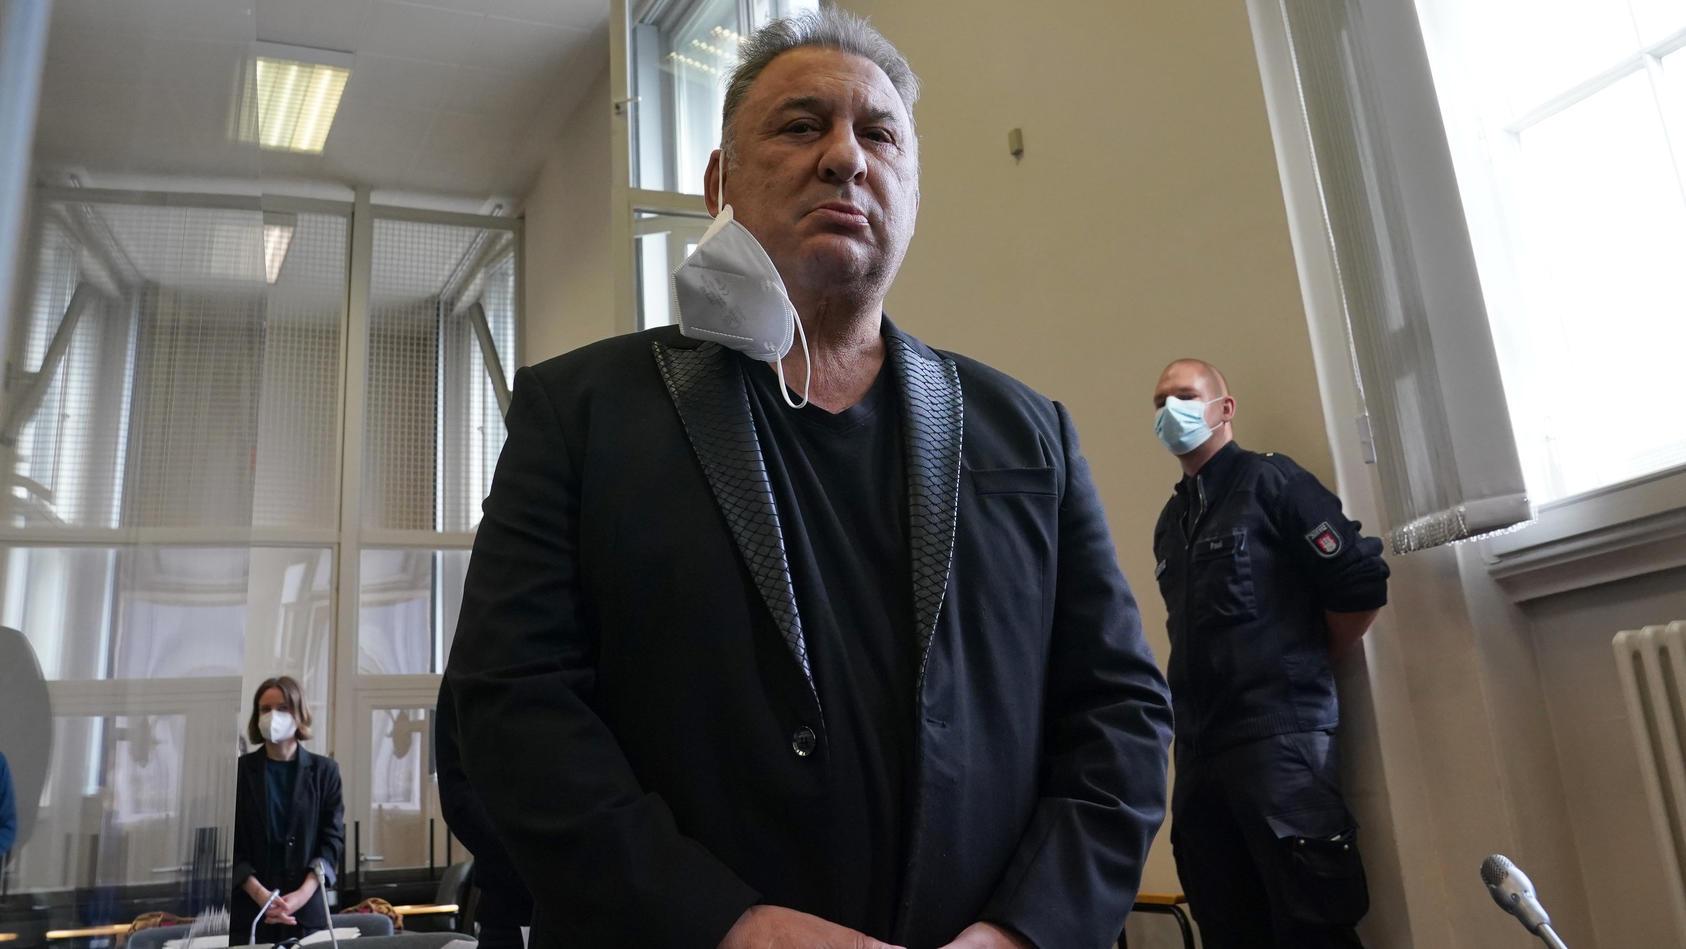 """Der Prozess begann damit, dass """"Milliarden Mike"""" für die Kameras extra seine Maske abgenommen hat, wofür er dann von der Richterin gerügt wurde."""